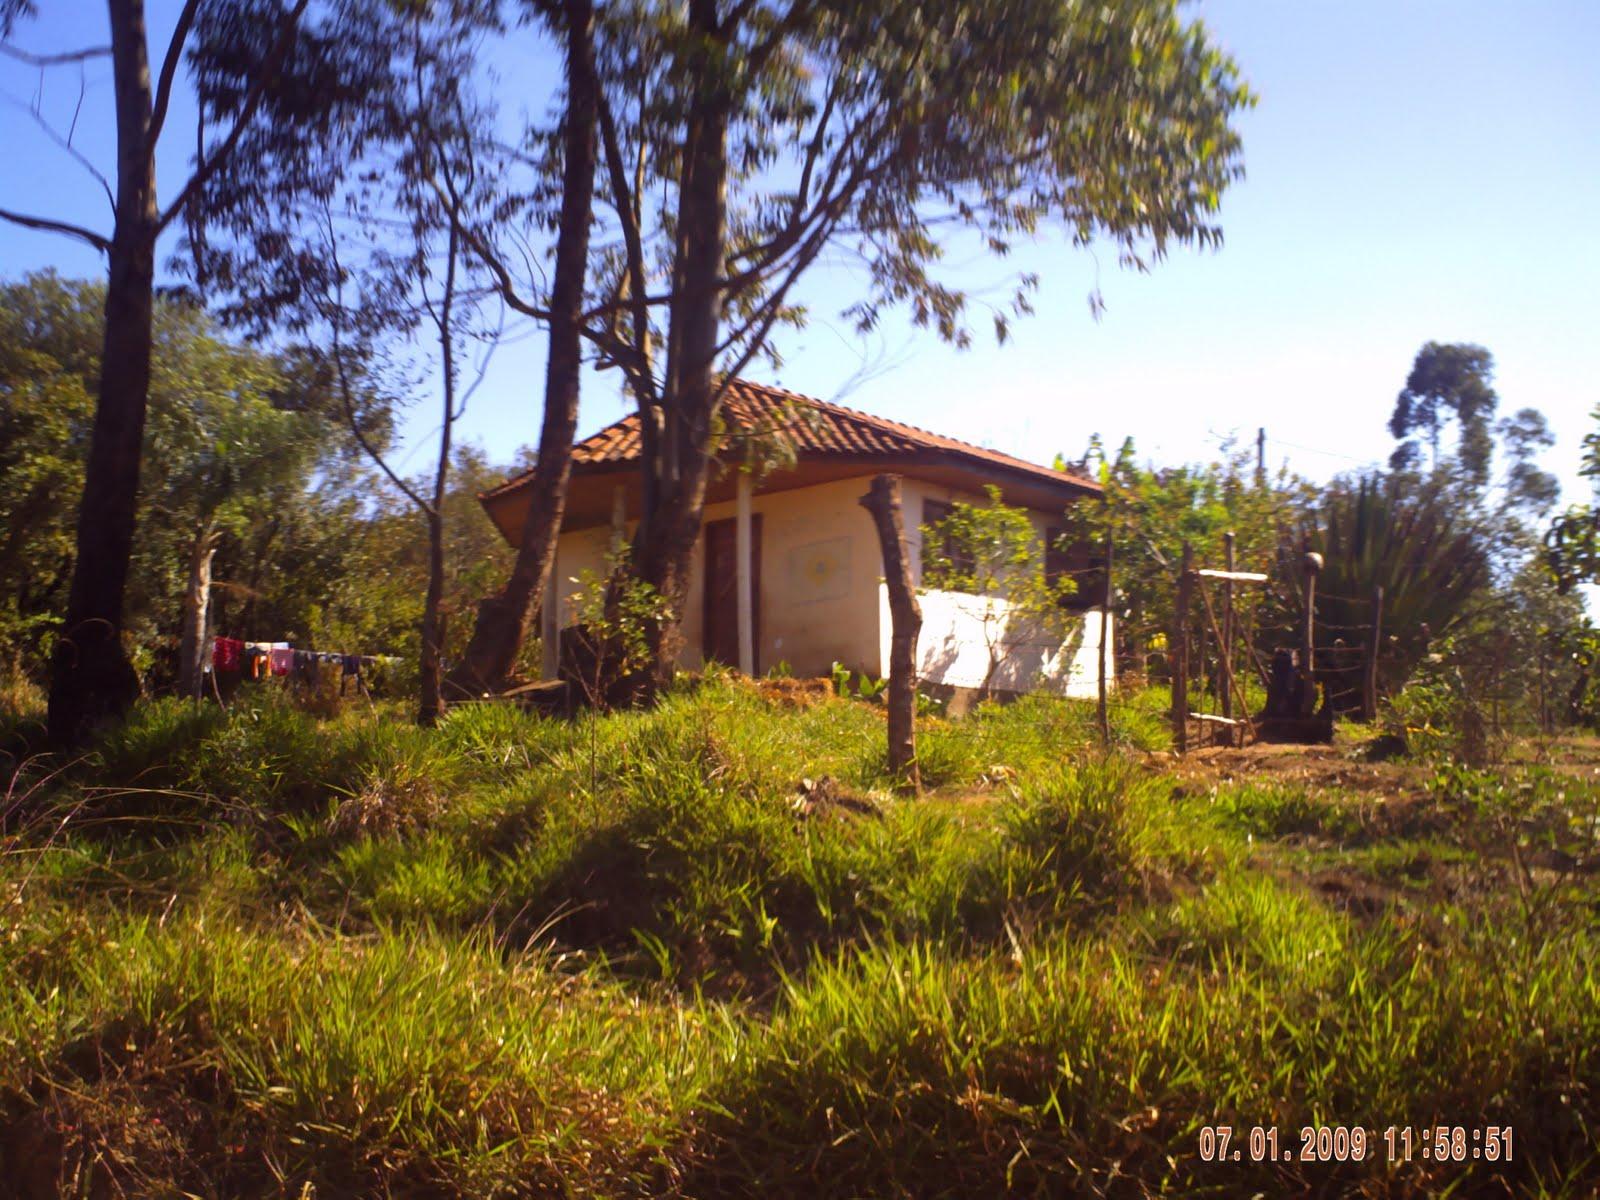 Resultado de imagem para imagem reserva indigena de São Jerônimo da serra pr